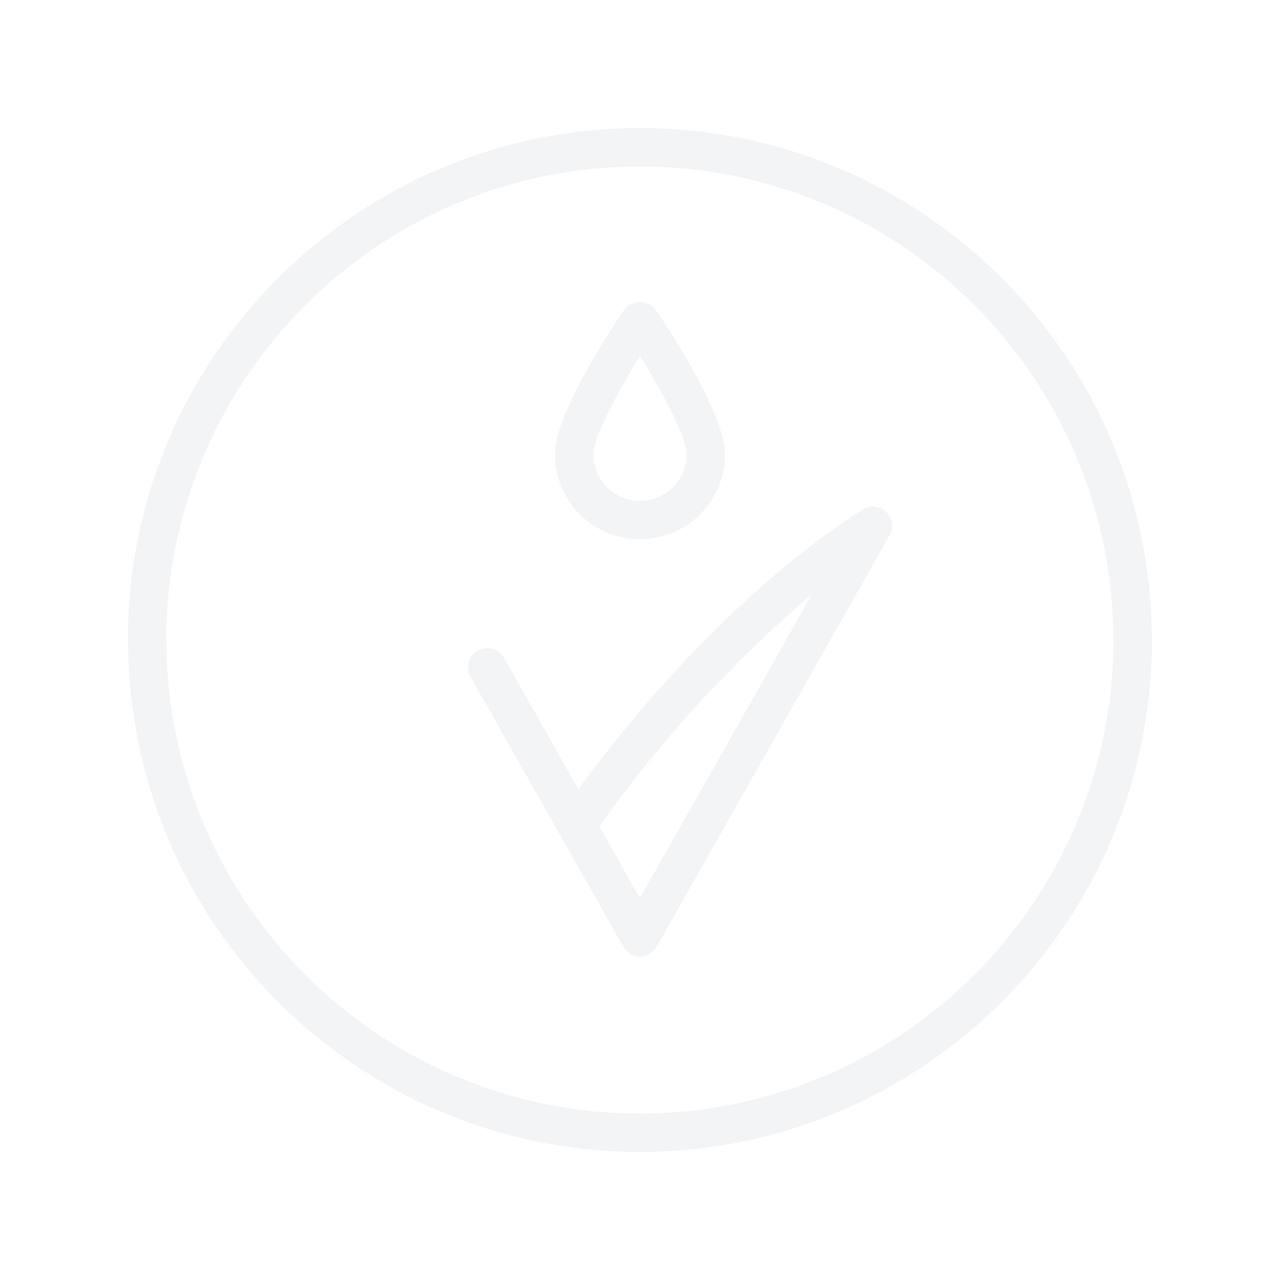 E.L.F. Brow Comb And Brush